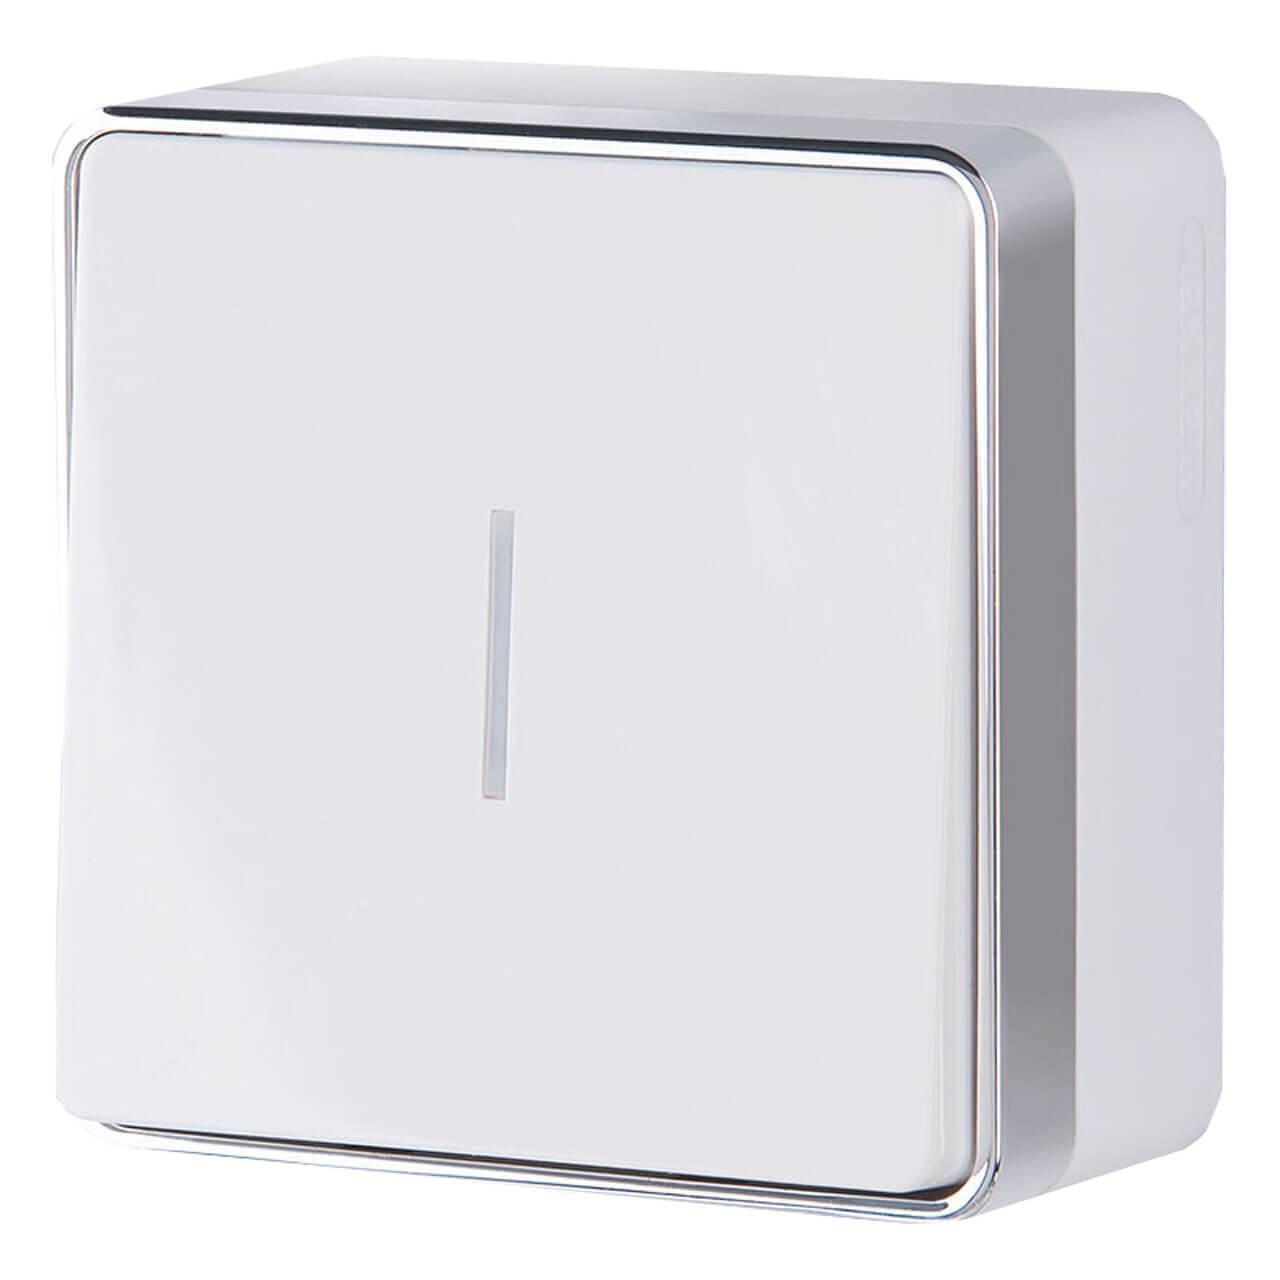 Выключатель Werkel одноклавишный с подсветкой Gallant белый WL15-01-04 4690389102066